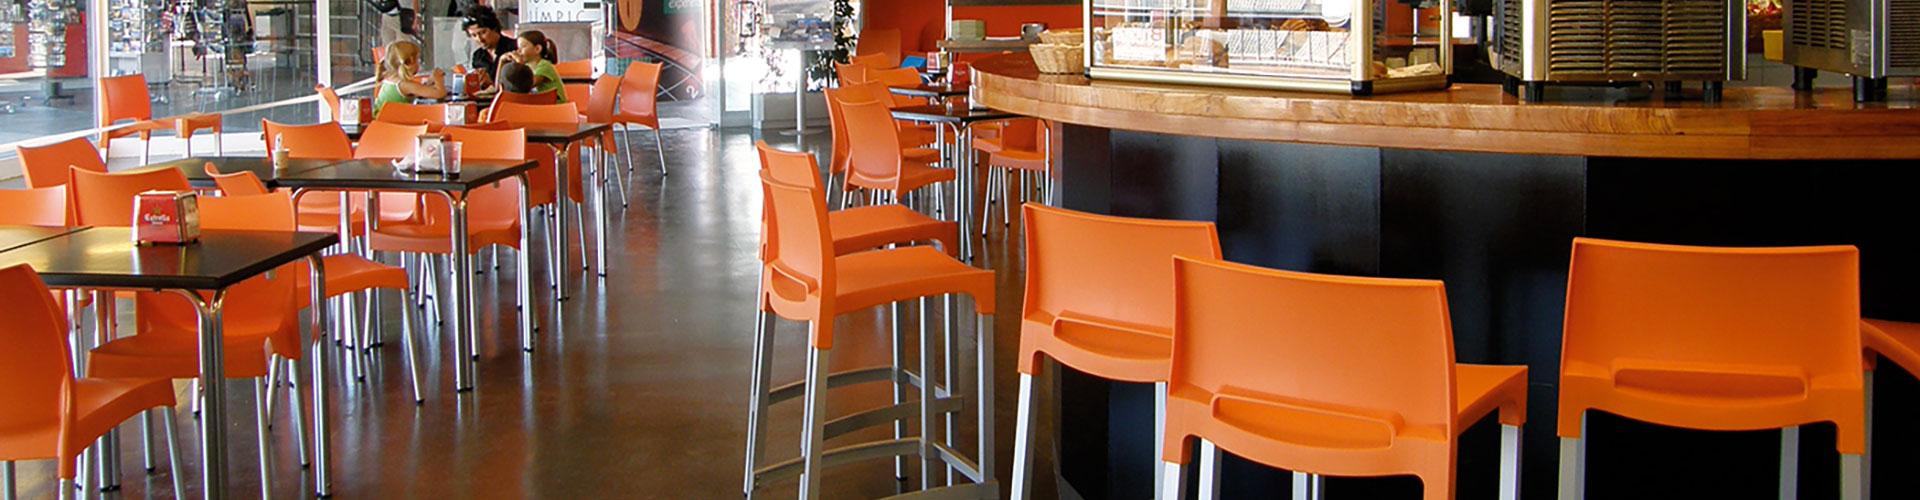 Brands - Siesta Restaurant Scene